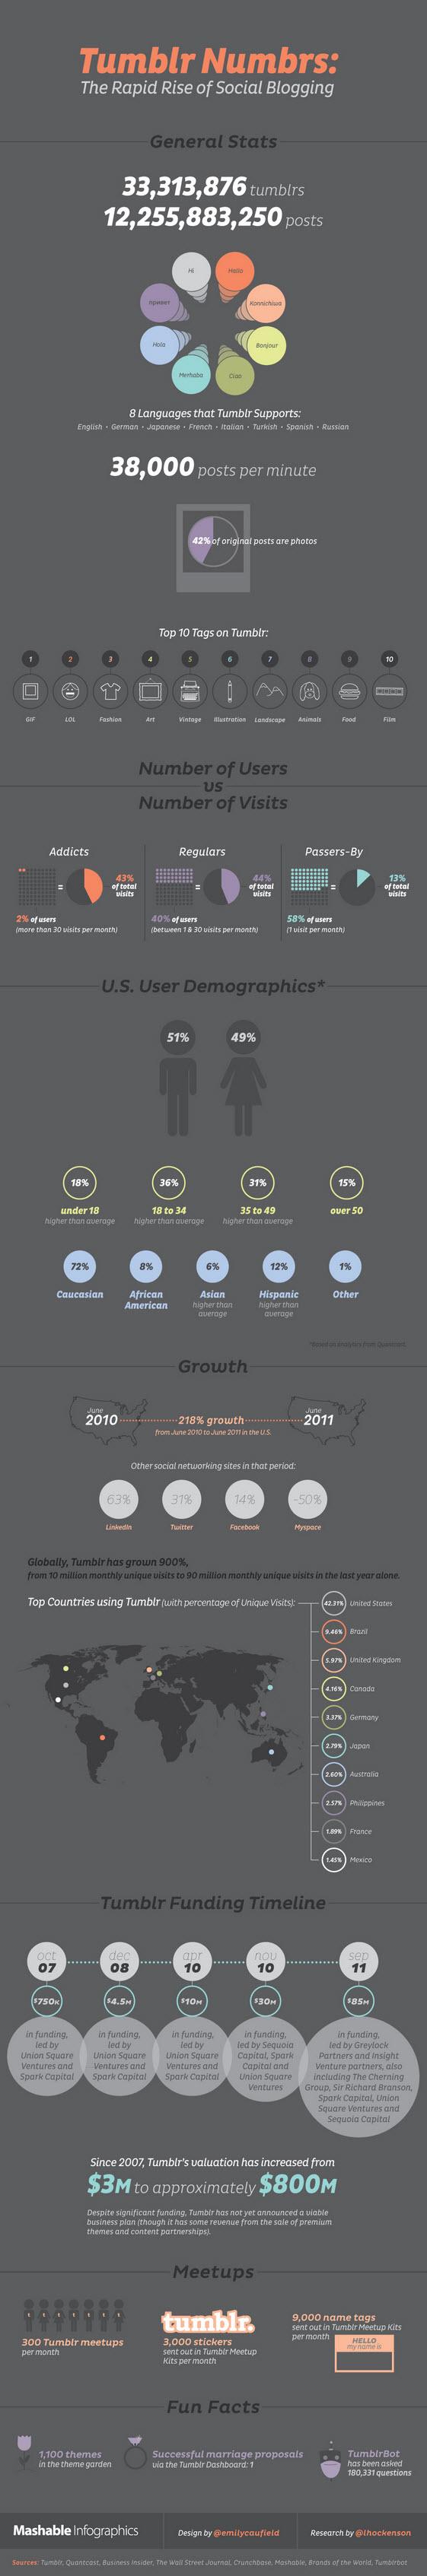 Tumblr Infographic